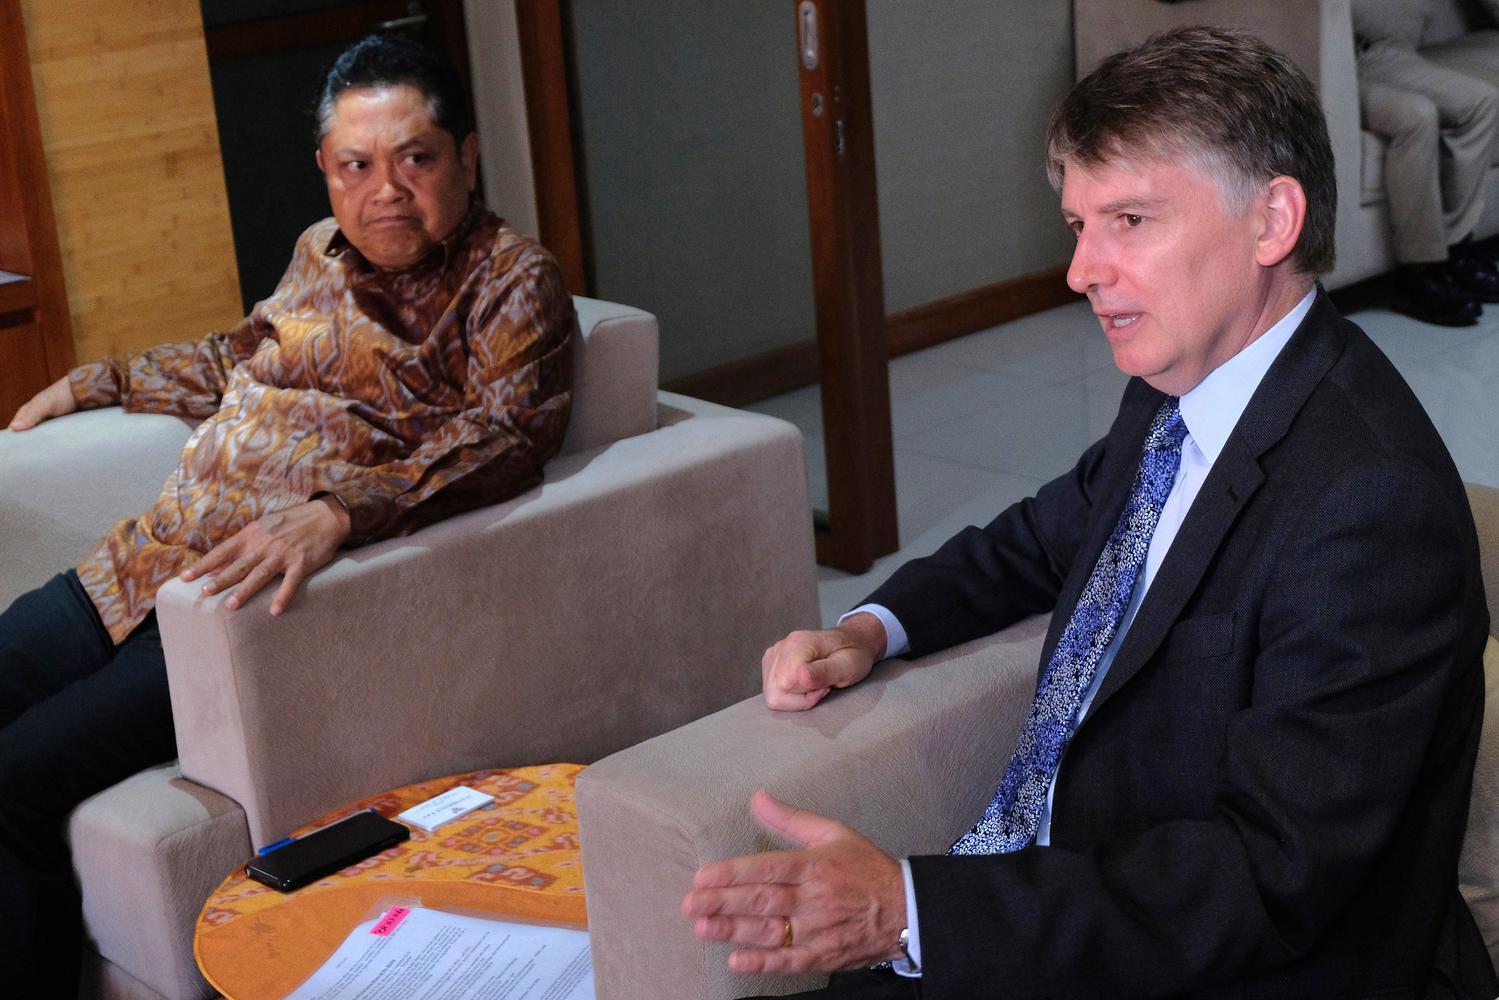 Duta Besar Inggris untuk Indonesia dan Timor Leste Owen Jenkins (kanan) berbincang dengan Wali Kota Denpasar Ida Bagus Rai Dharmawijaya Mantra (kiri) dalam kunjungan resmi pertamanya ke Bali di Gedung Graha Sewaka Dharma, Denpasar, Bali, Senin (23/9/2019)